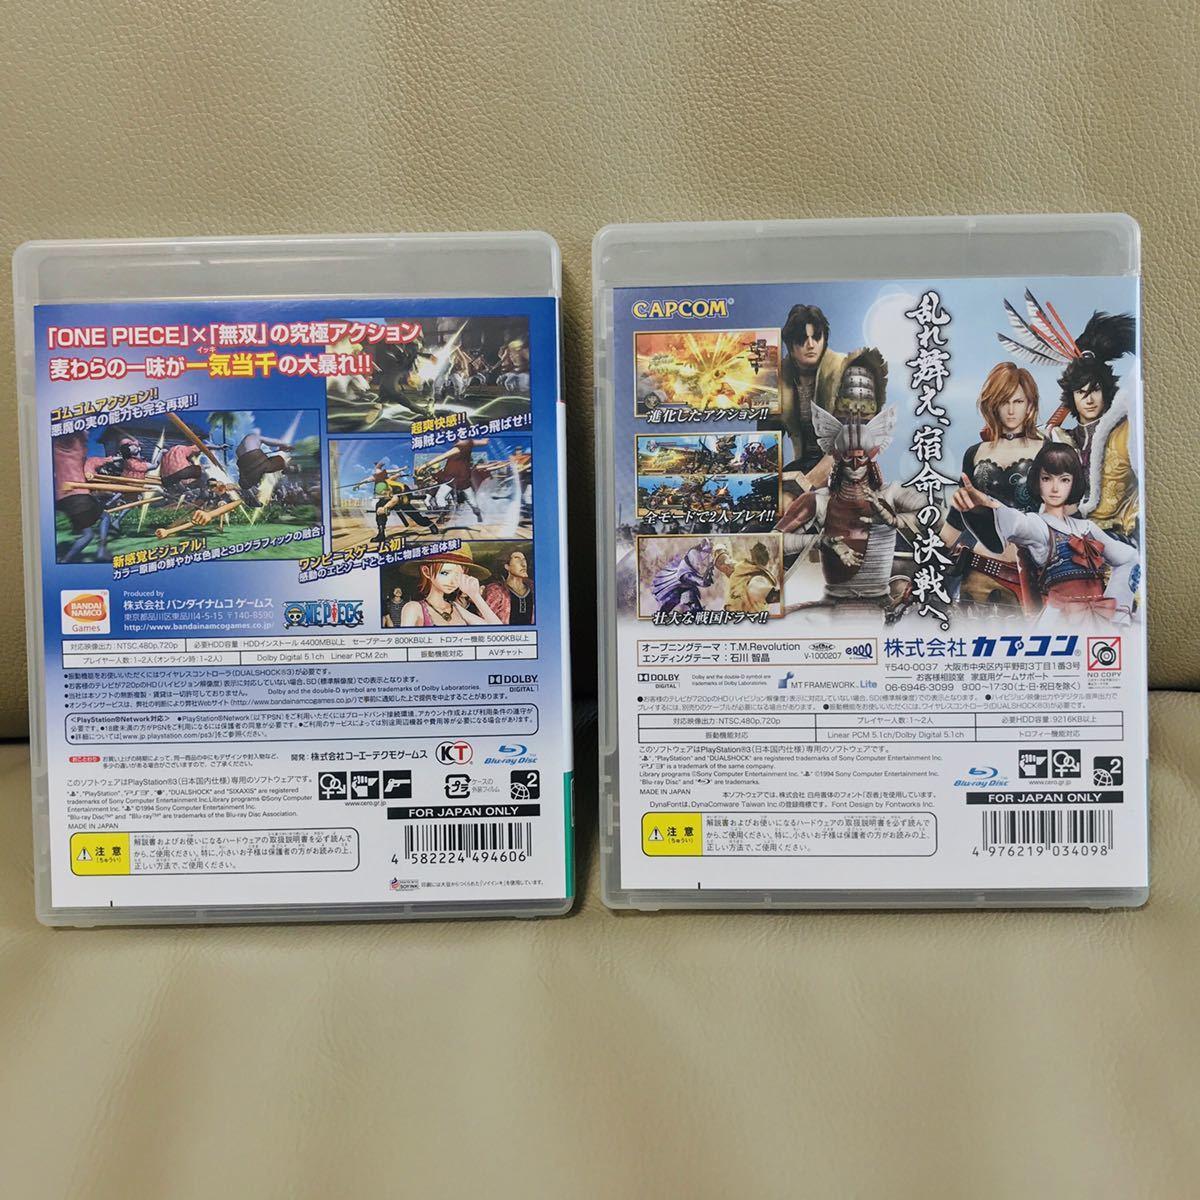 【PS3ソフト】ワンピース 海賊無双 ● 戦国バサラ3